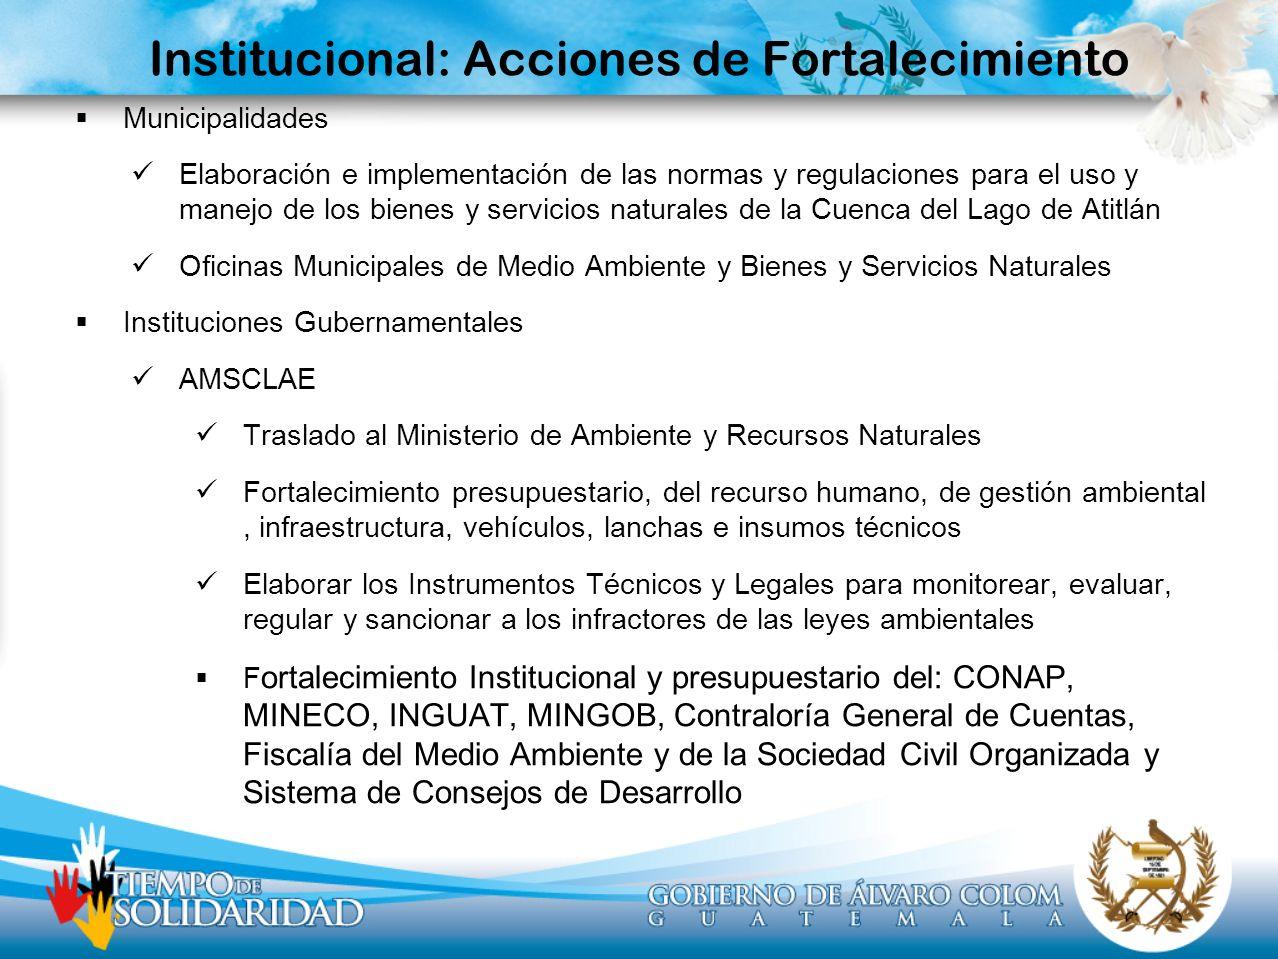 Institucional: Acciones de Fortalecimiento